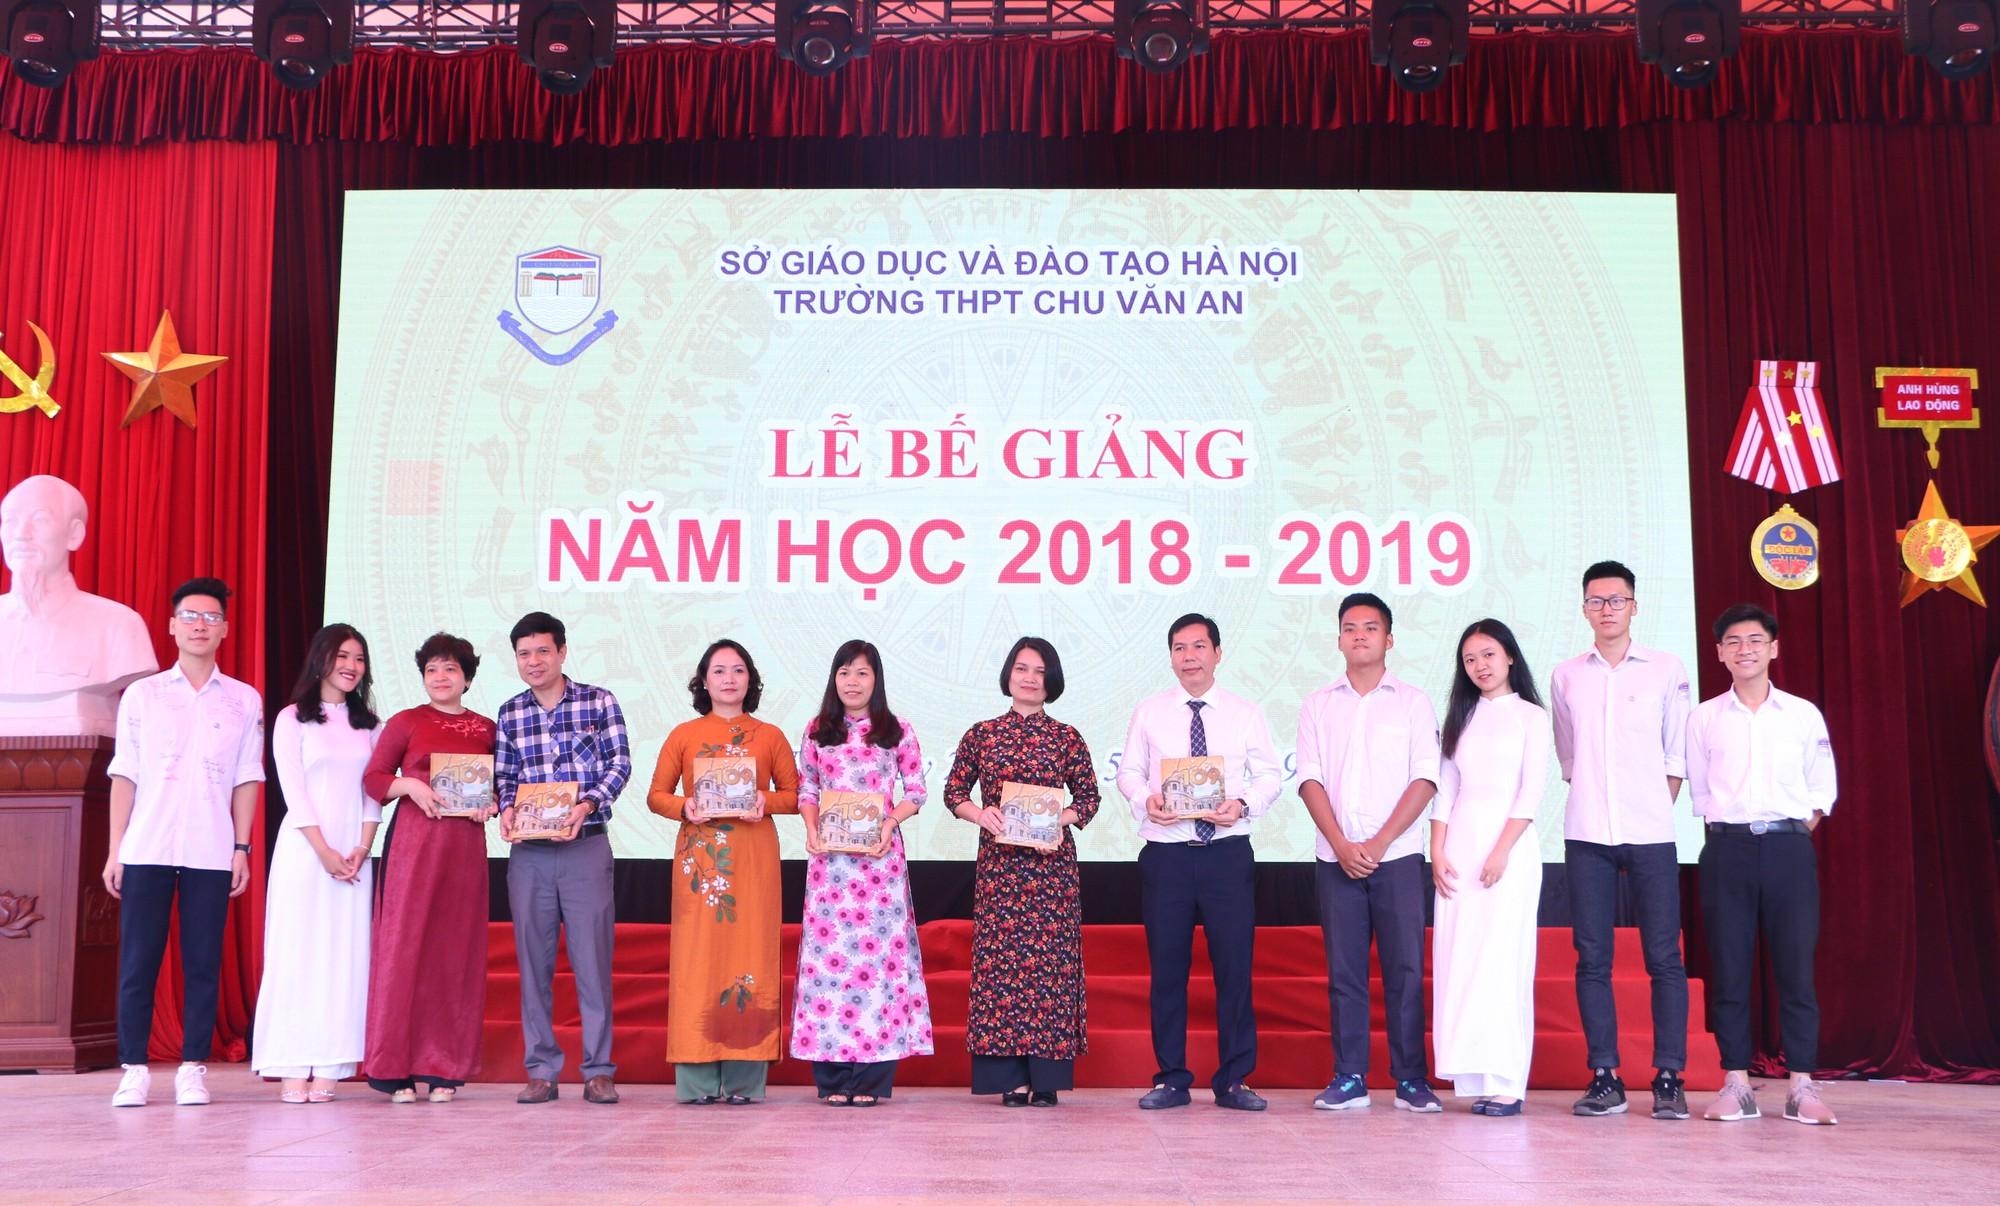 Ngắm nữ sinh Trường Chu Văn An duyên dáng, đẹp tinh khôi trong ngày bế giảng - Ảnh 11.